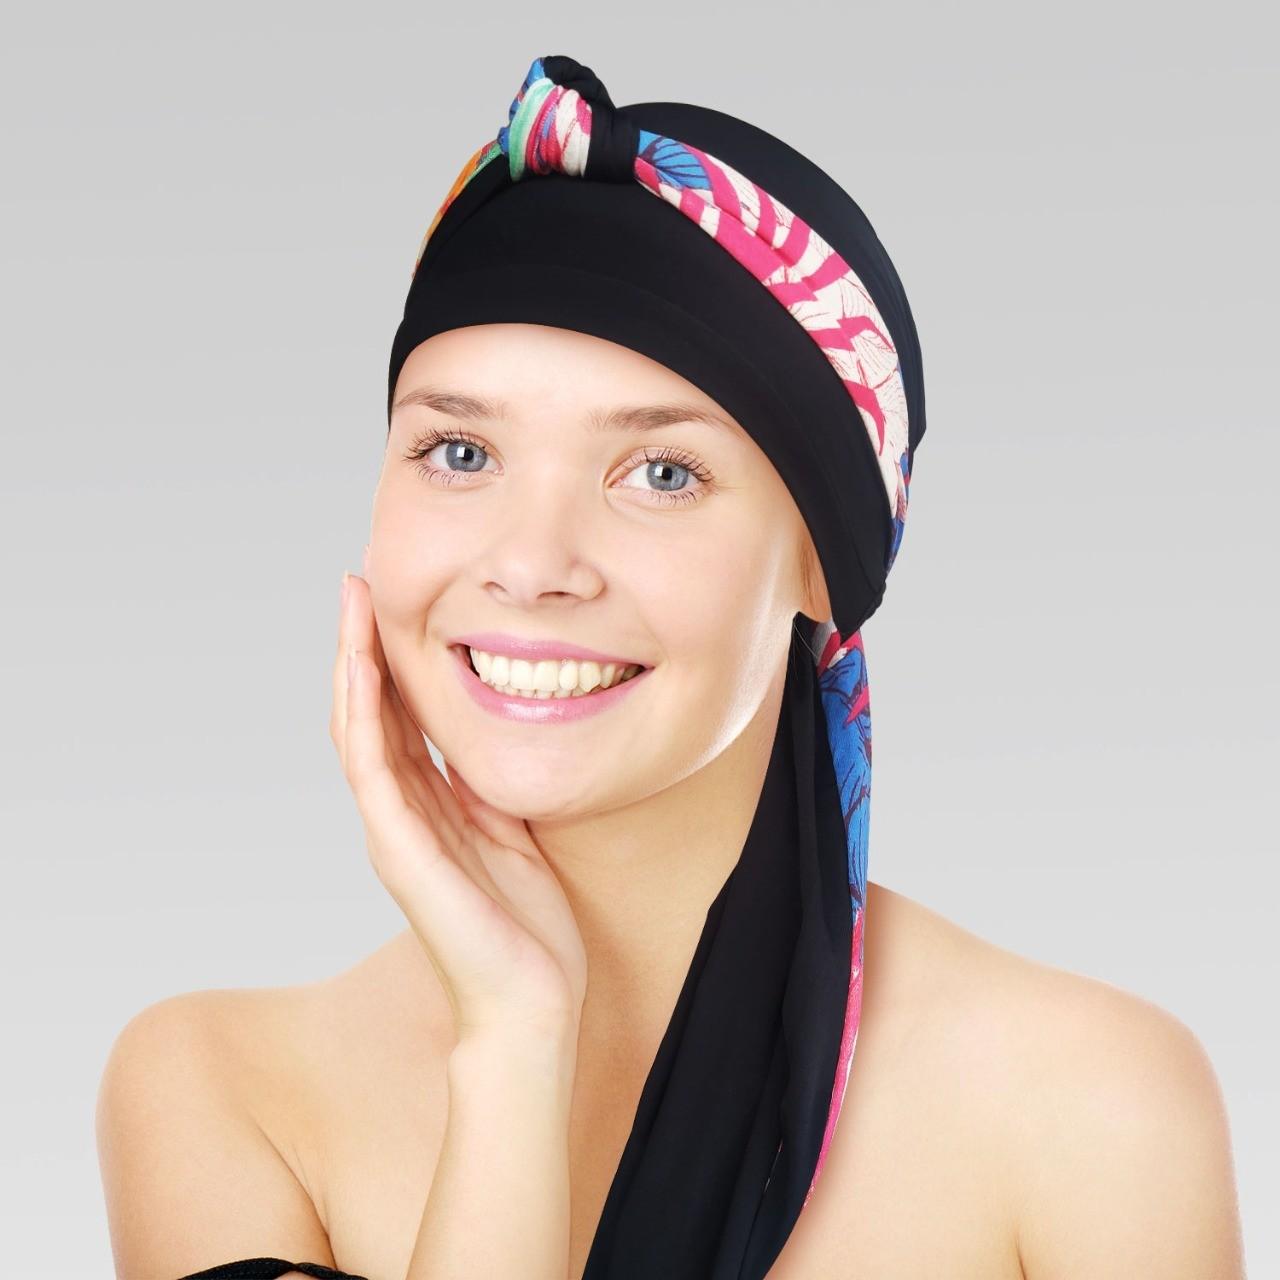 Turbante Preto com Proteção UV + Tiara de Nó Preto e estampa Cold